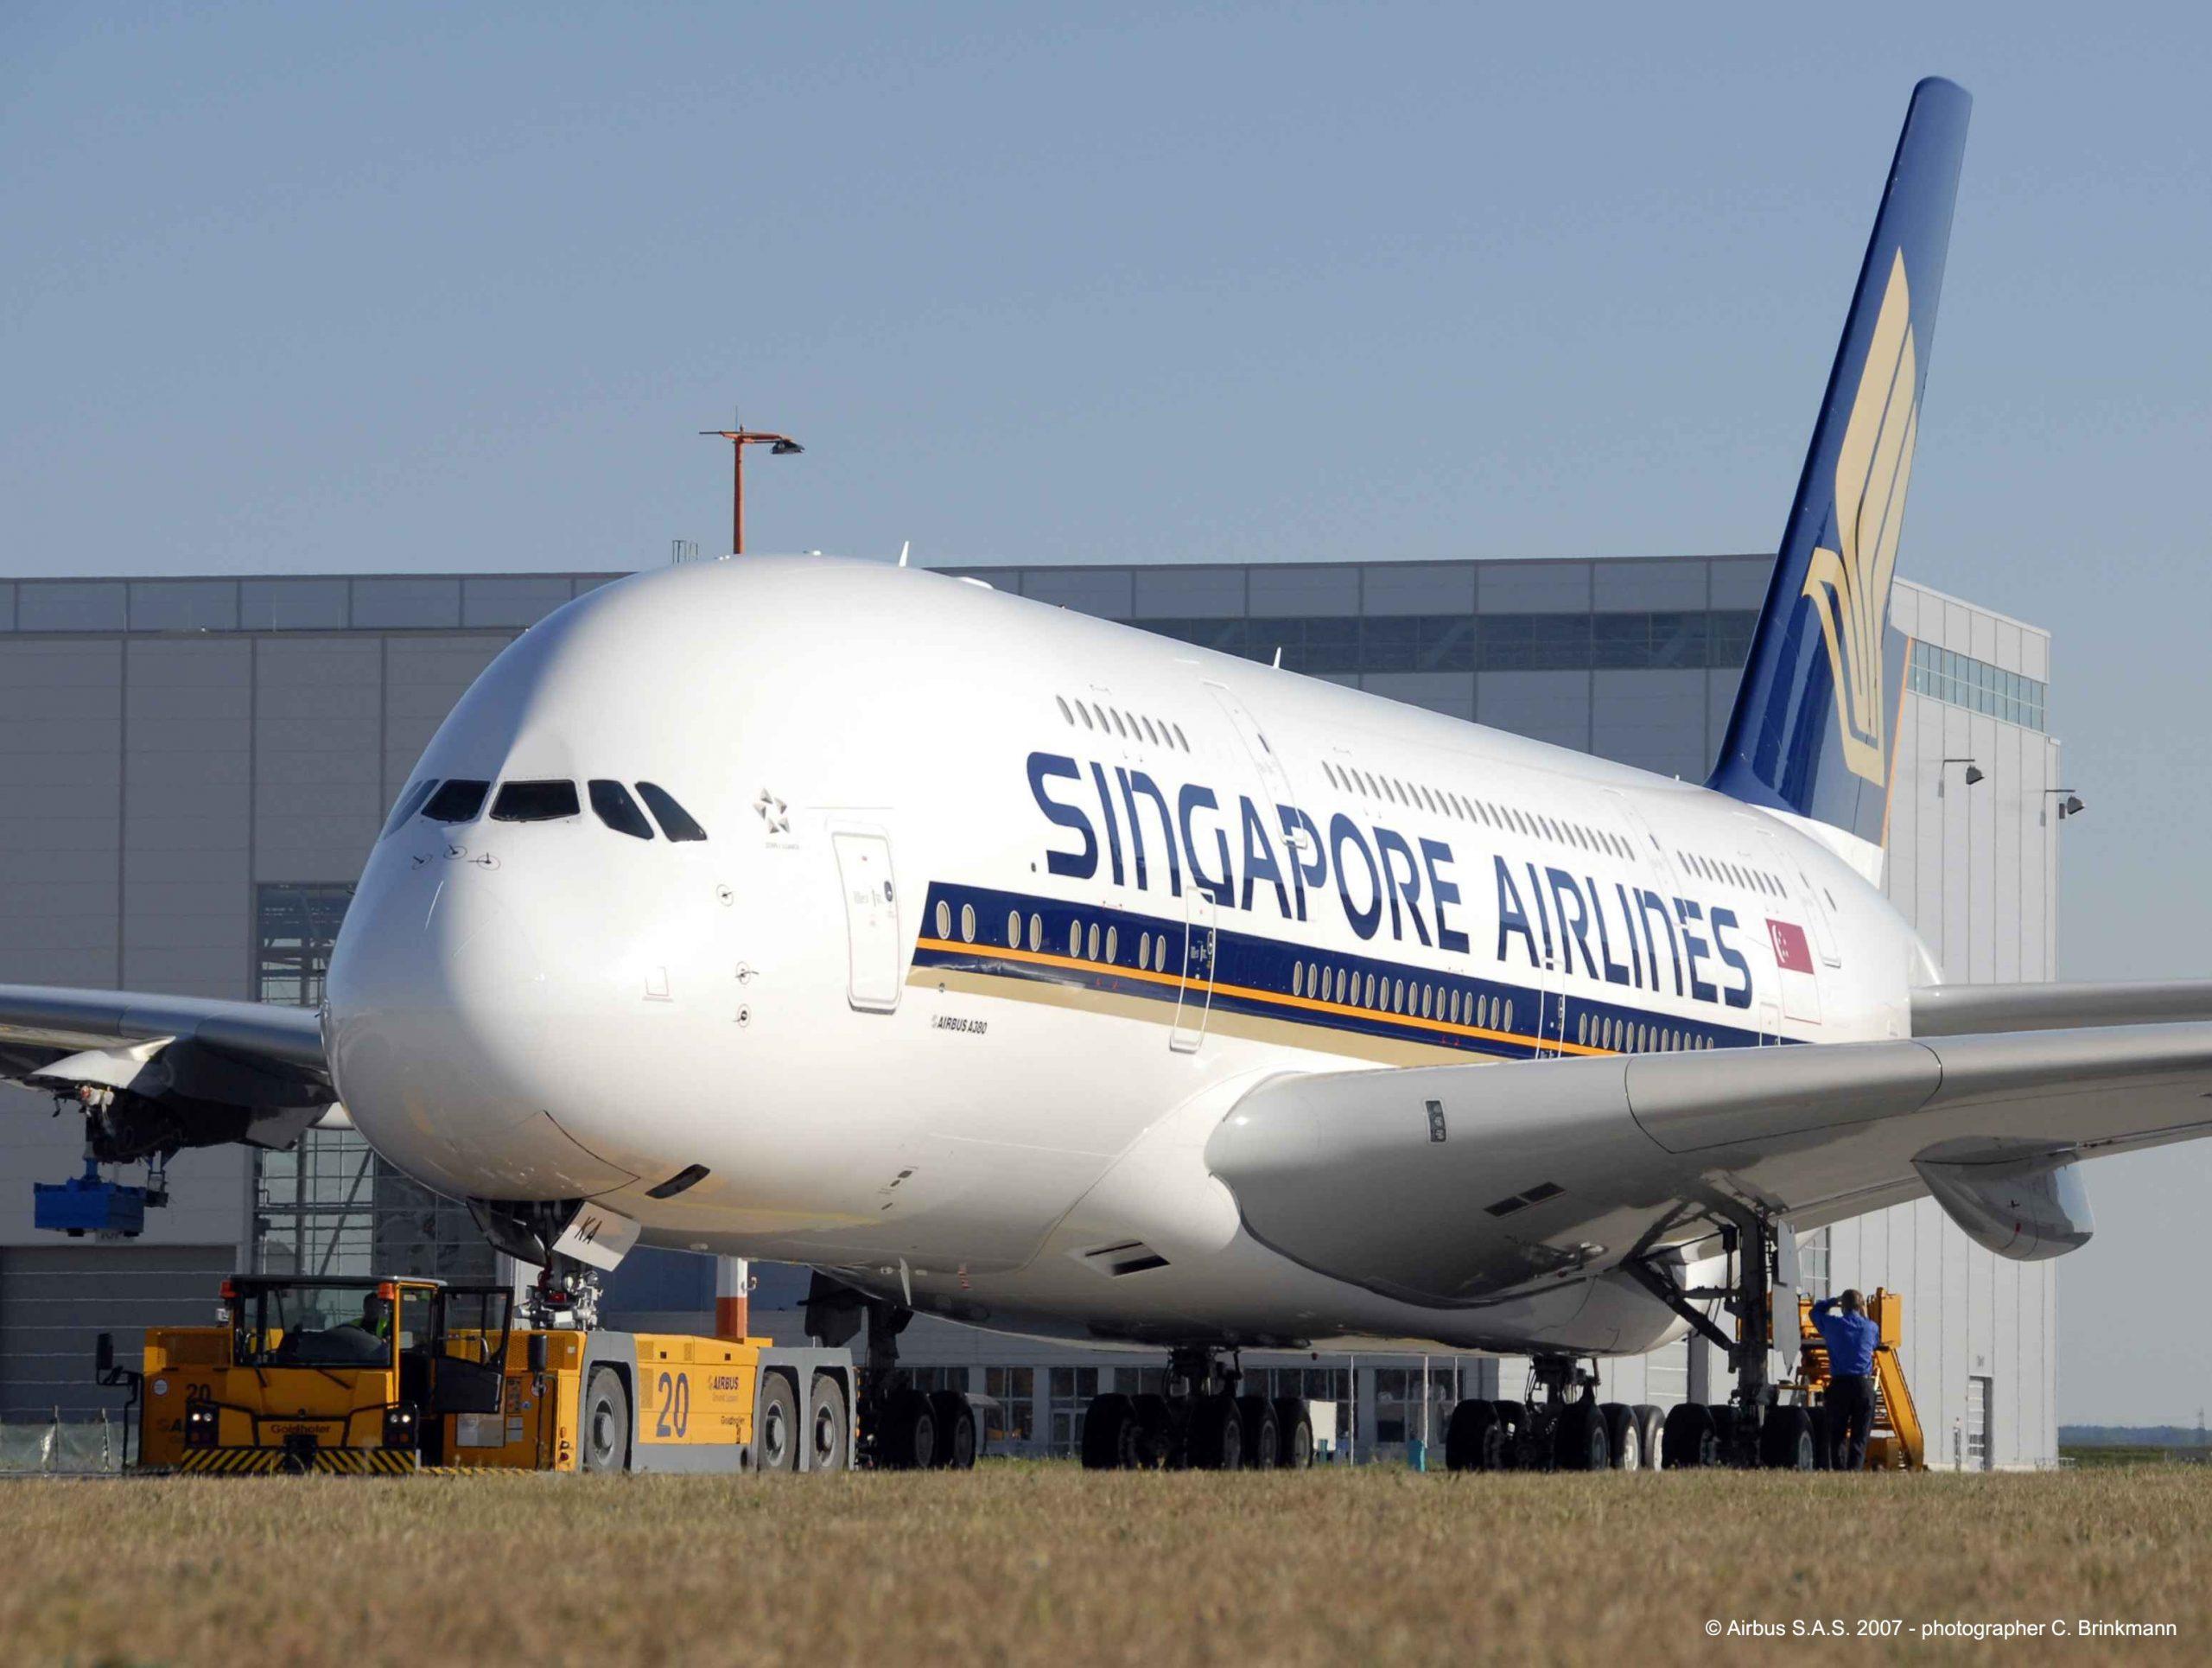 Den allerførste Airbus A380 hos Airbus inden flyet skulle leveres til Singapore Airlines. Flyet havde hos Airbus serienummeret MSN003 og fik hos Singapore Airlines indregistreringen 97-SKA. Det er dette fly som nu er ved at blive hugget op og som der sælges 7.000 stykker af til samlere. Pressefoto: Airbus, C. Brinkmann.